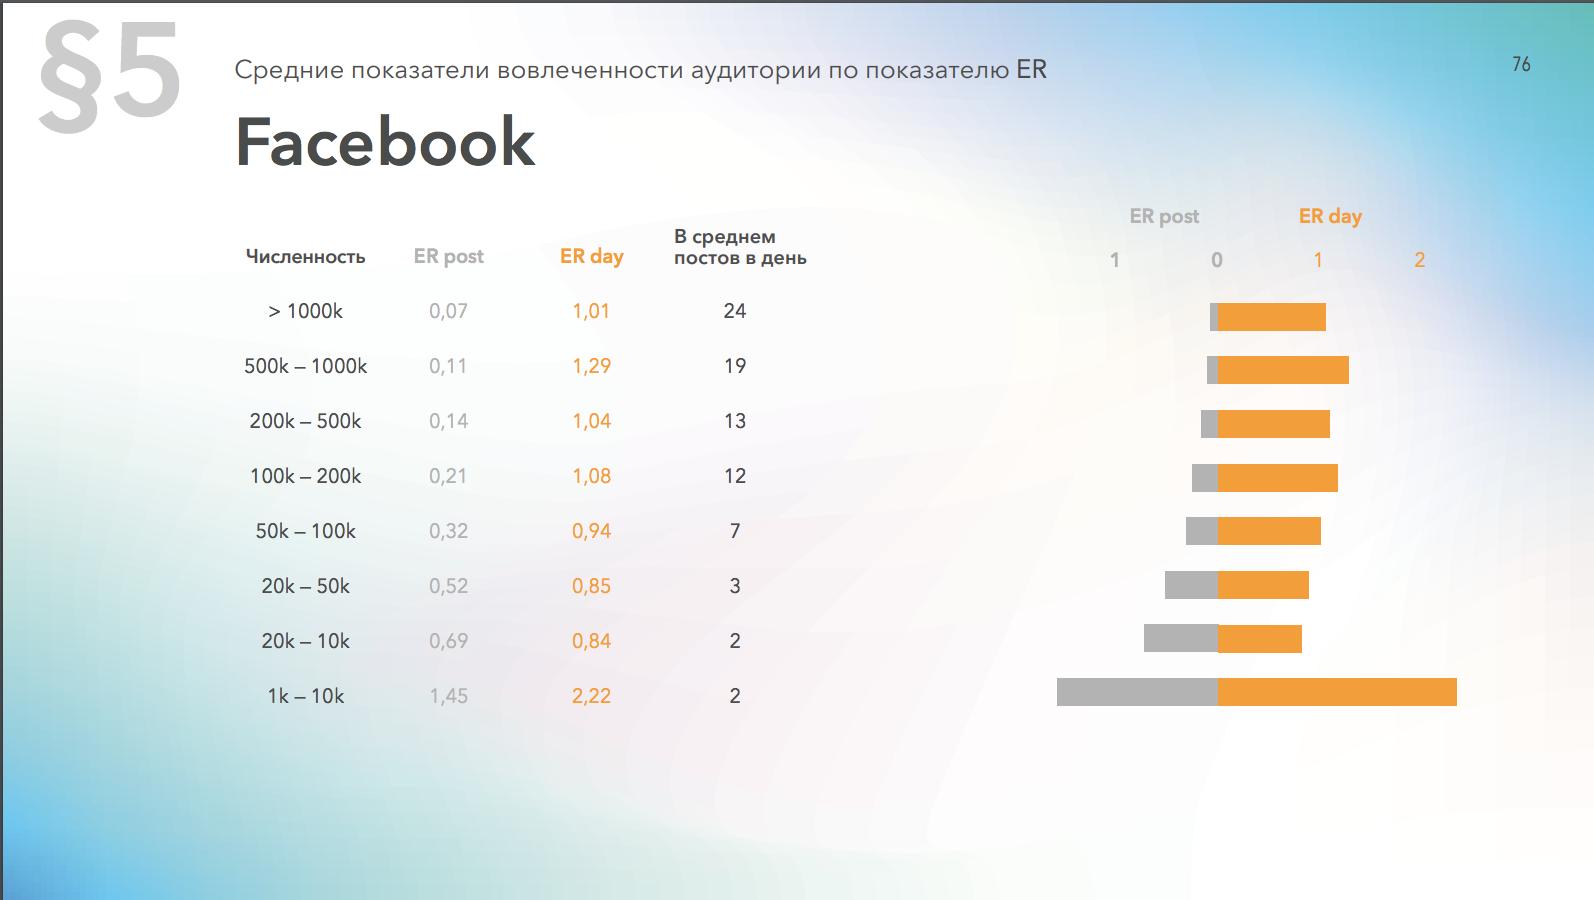 Средний уровень вовлеченности страниц в Facebook в зависимости от количества подписчиков